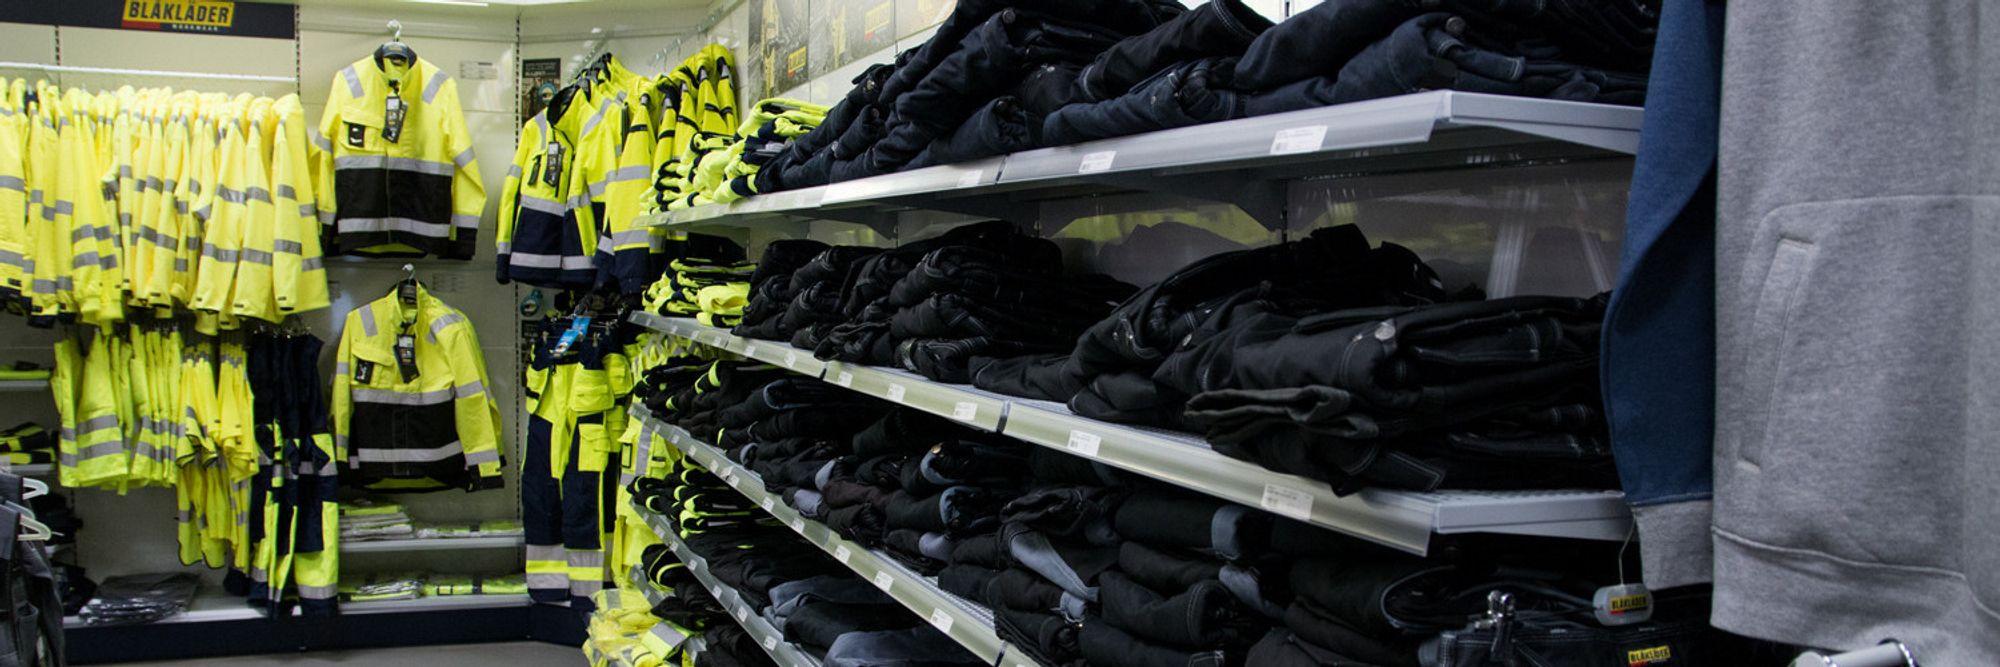 ANNONSE: Uansett hvor du jobber, vil disse klærne holde deg varm og tørr